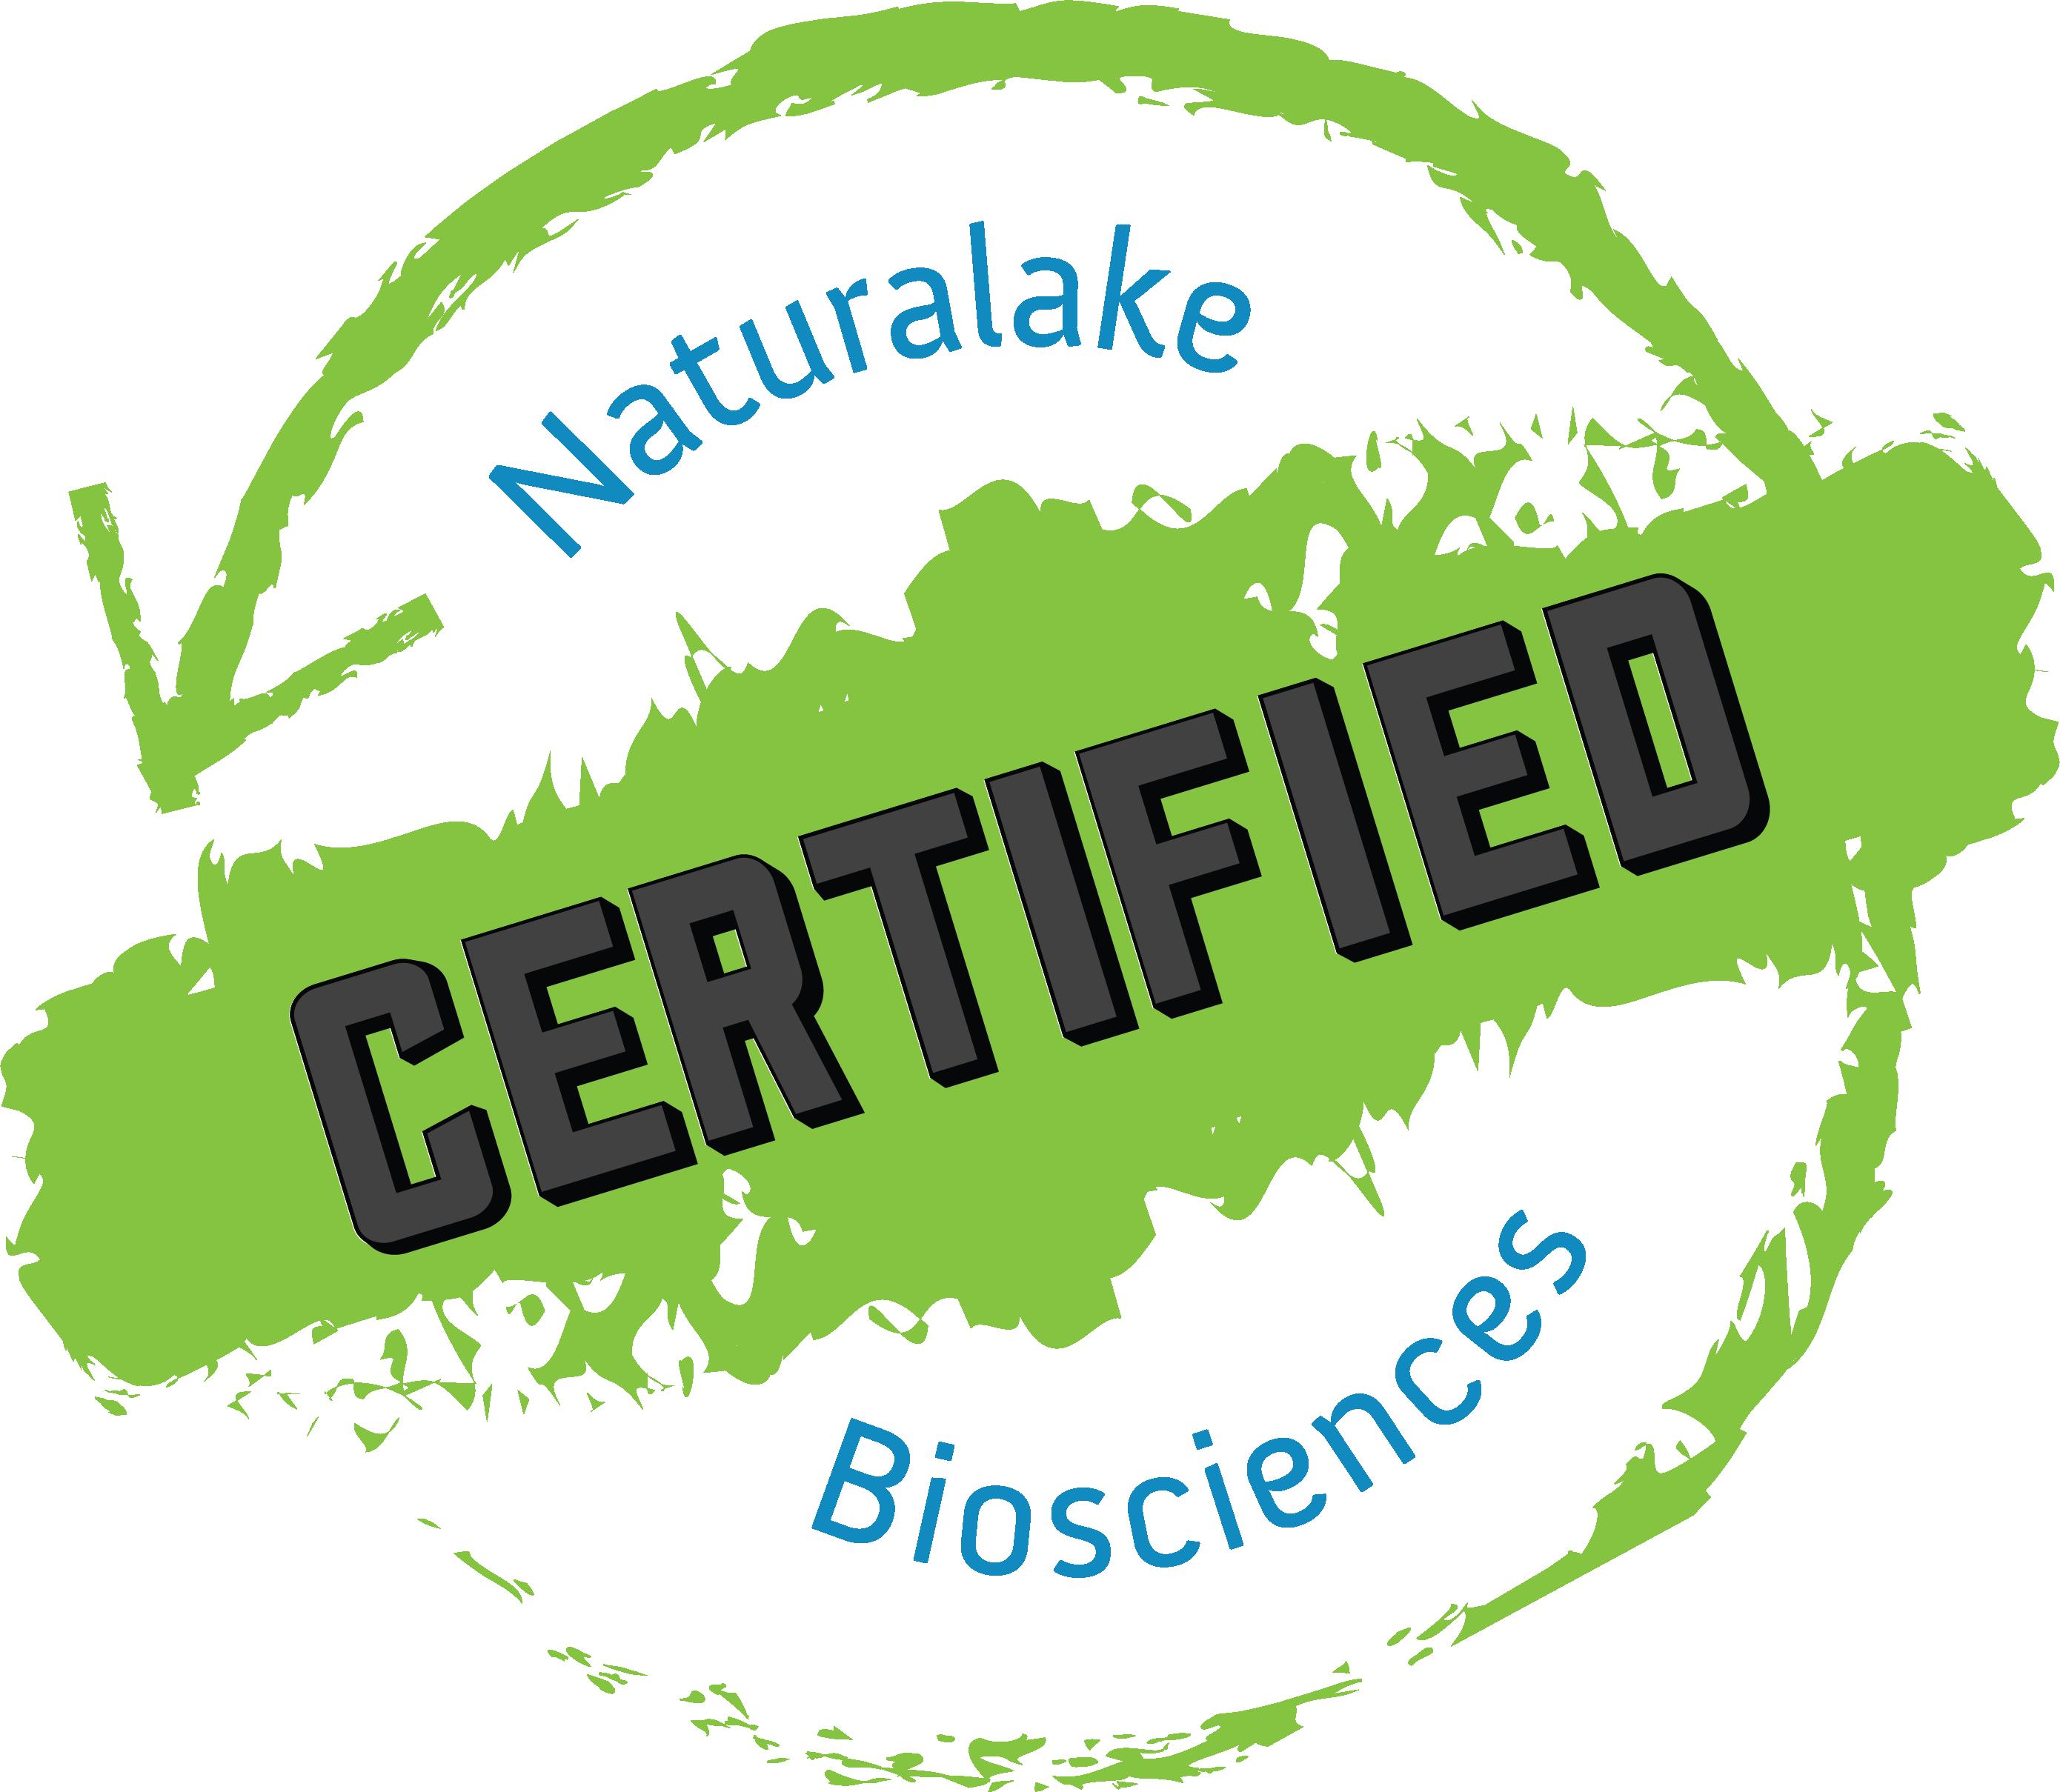 Naturalake Certified